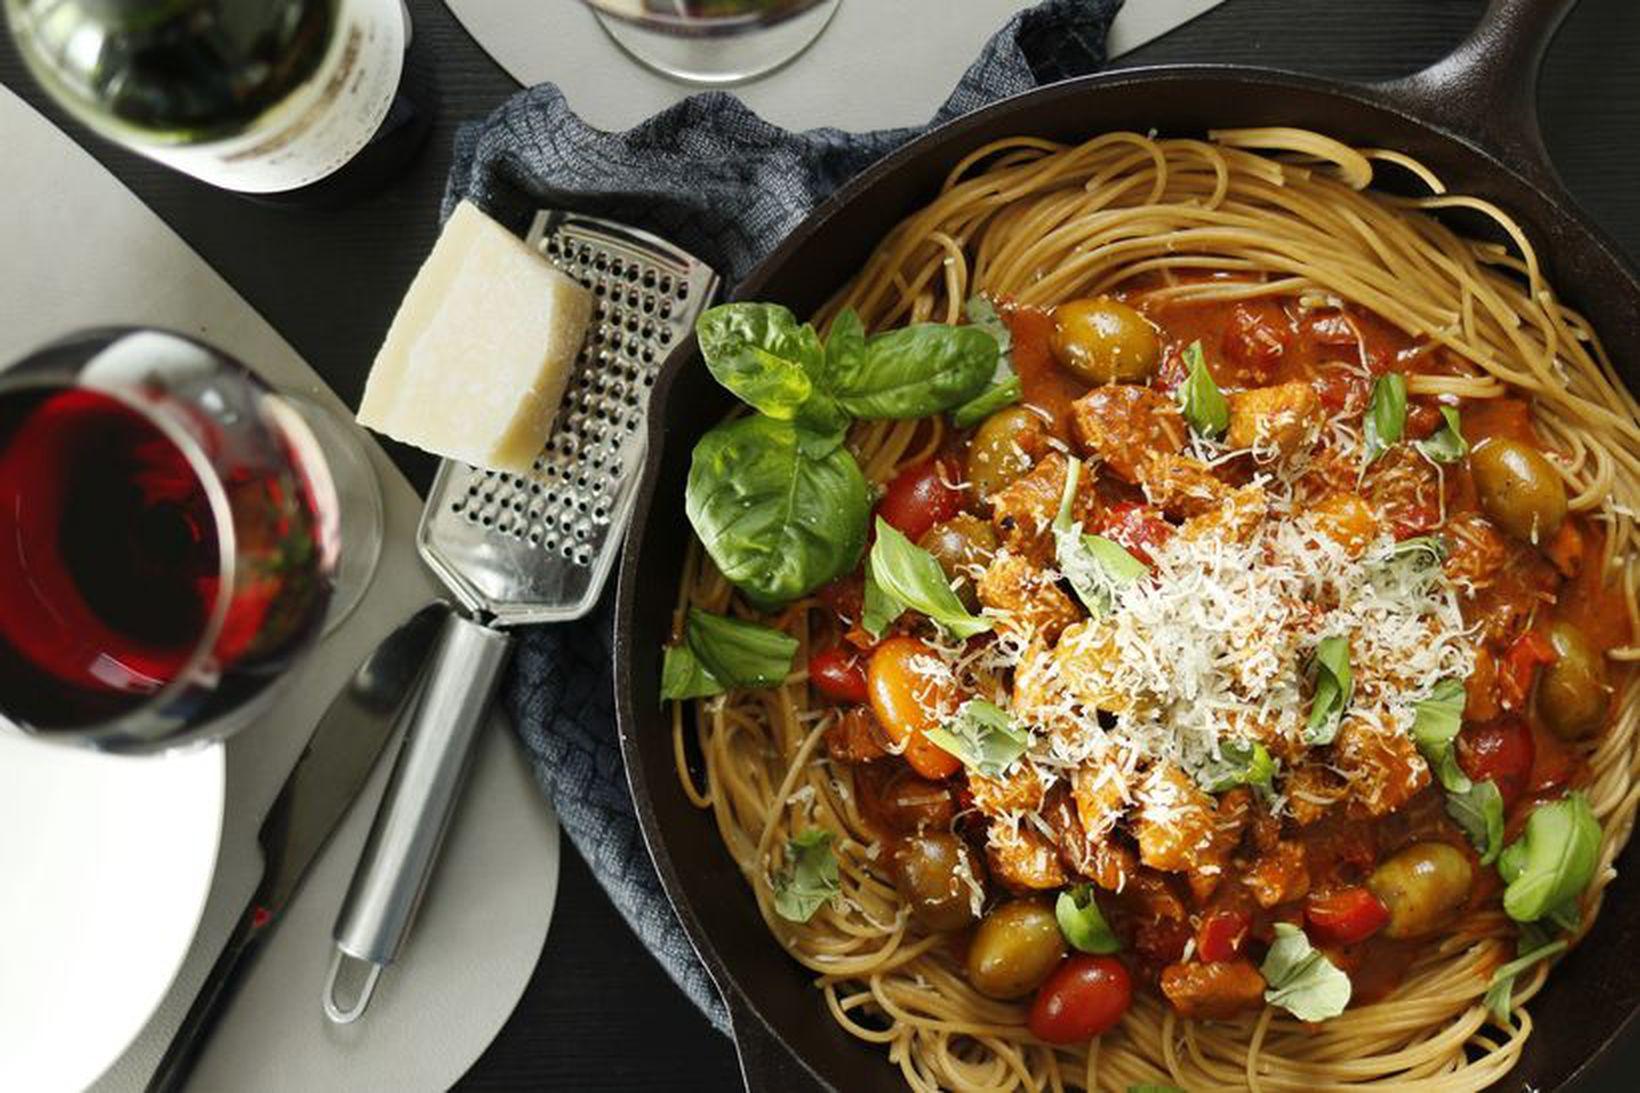 Fljótlegt spaghettí sem slær alltaf í gegn.